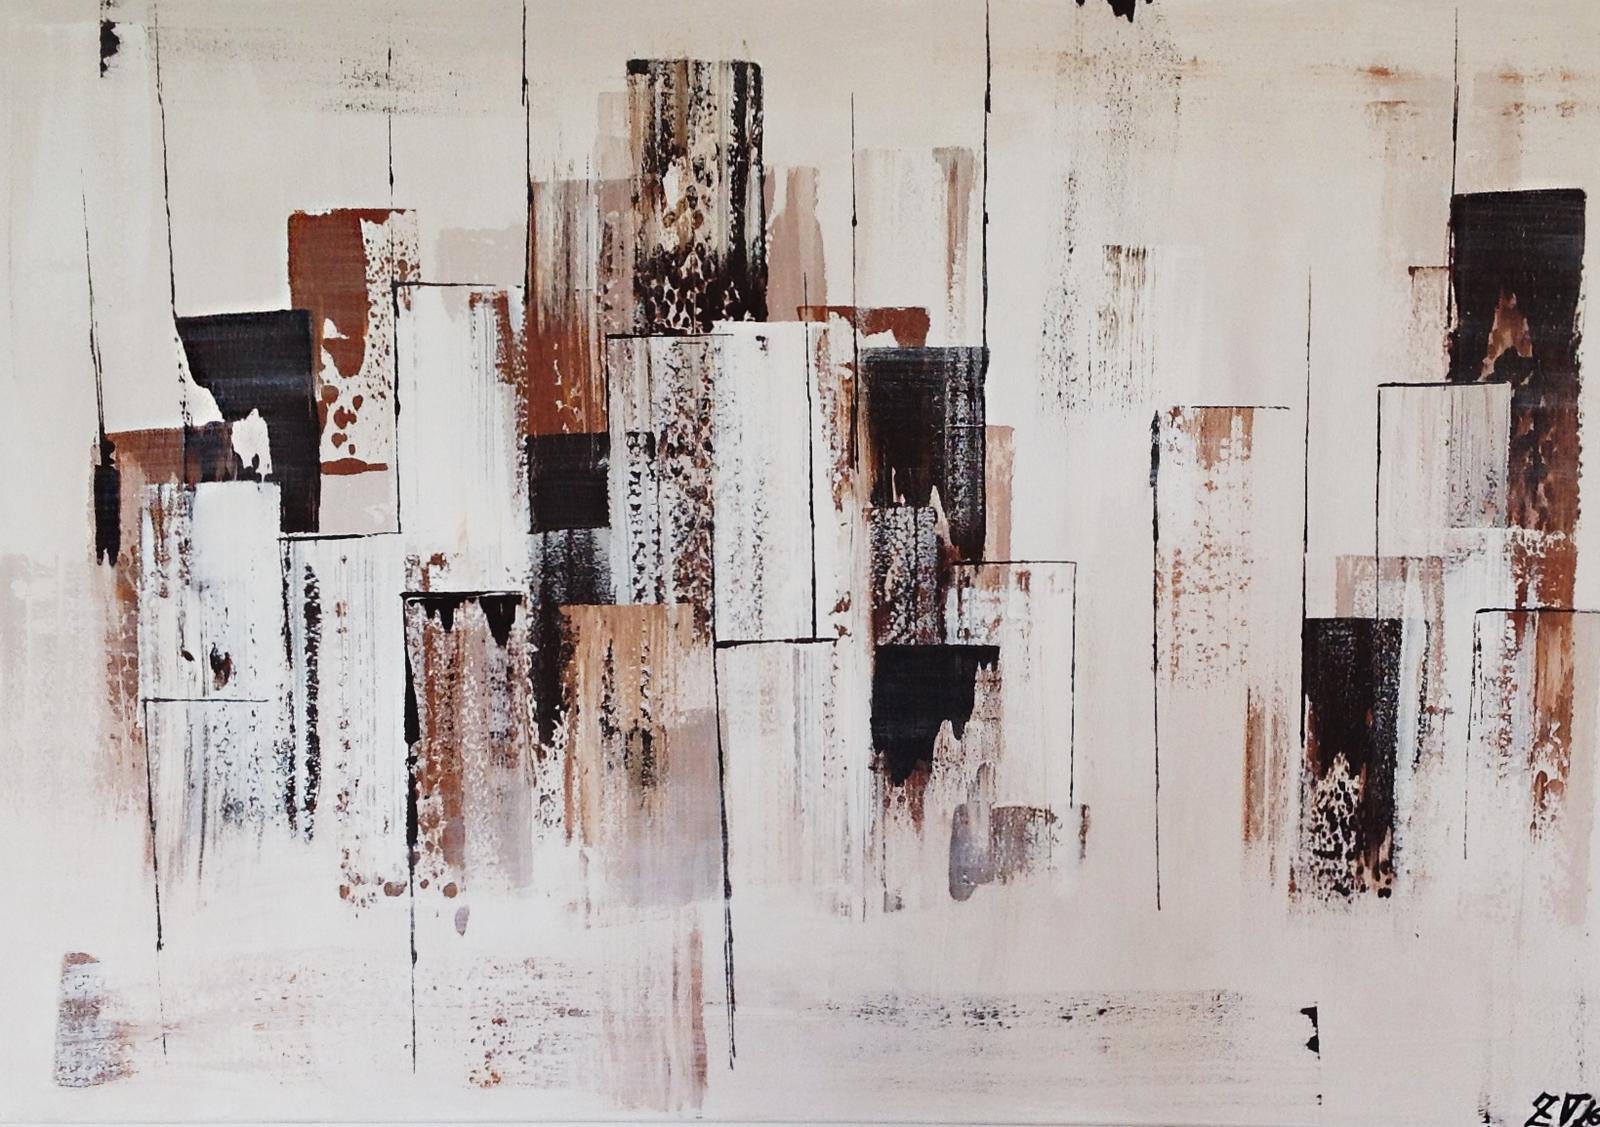 Obrazy na zakázku - Karamelové město III., 130x80 cm